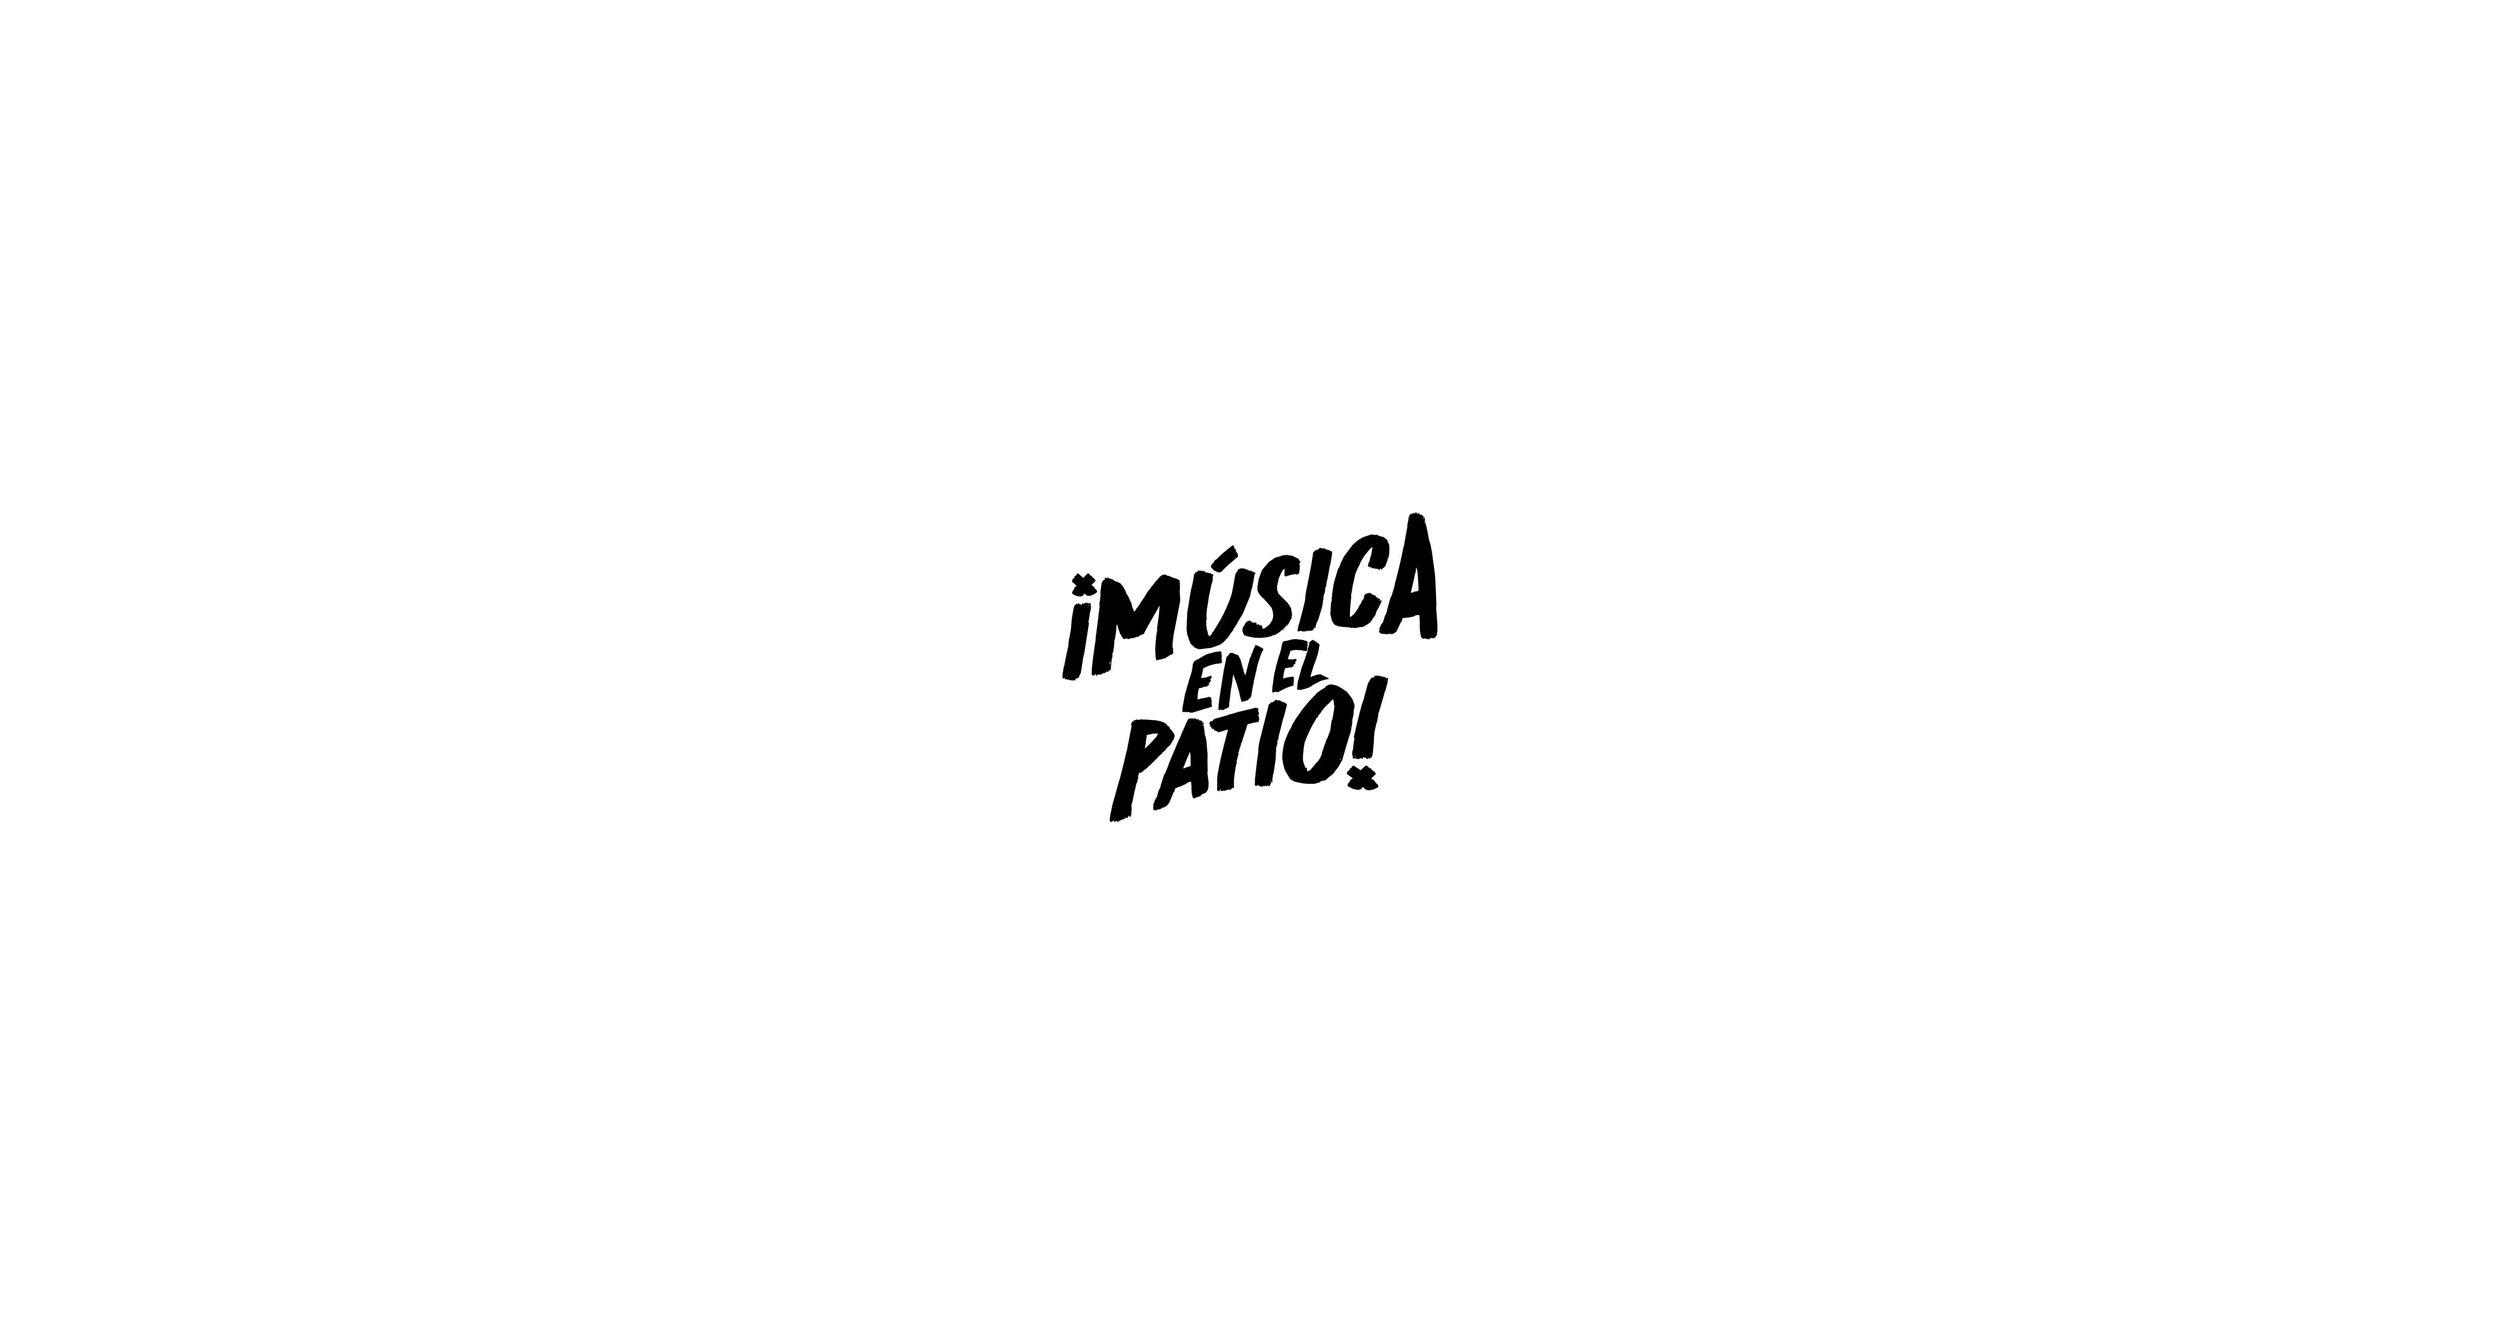 logo-design-branding-san-diego-vortic-12-musica-en-el-patio-2